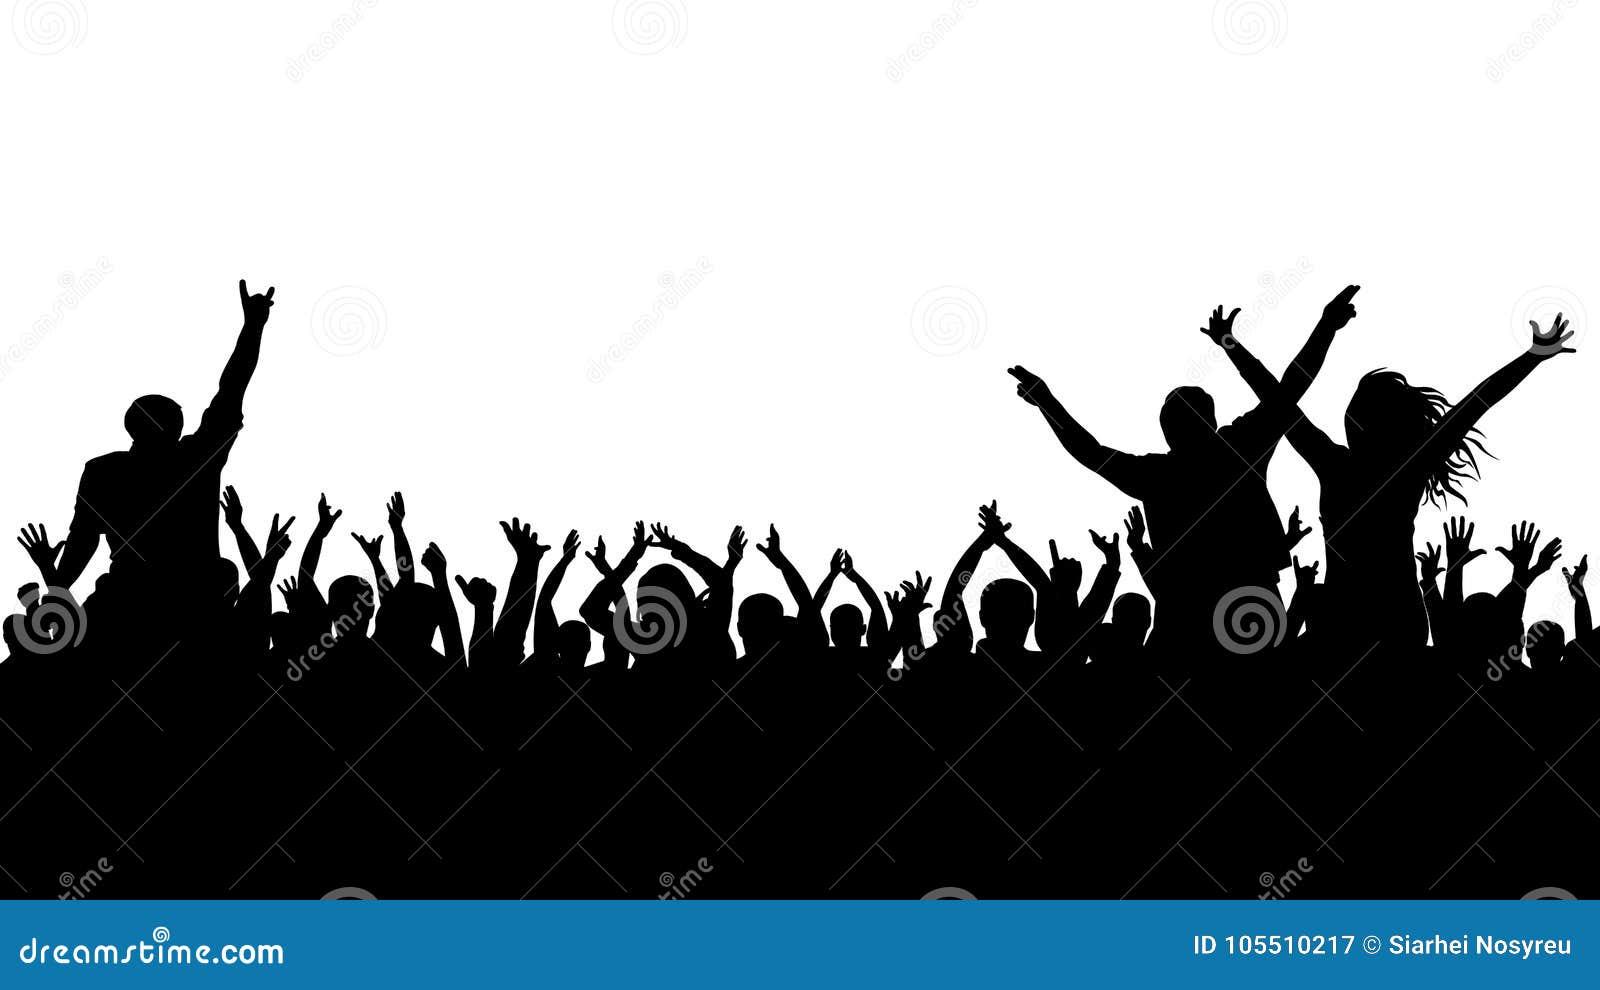 Εύθυμη σκιαγραφία πλήθους Οι άνθρωποι κόμματος, επιδοκιμάζουν Συναυλία χορού ανεμιστήρων, disco